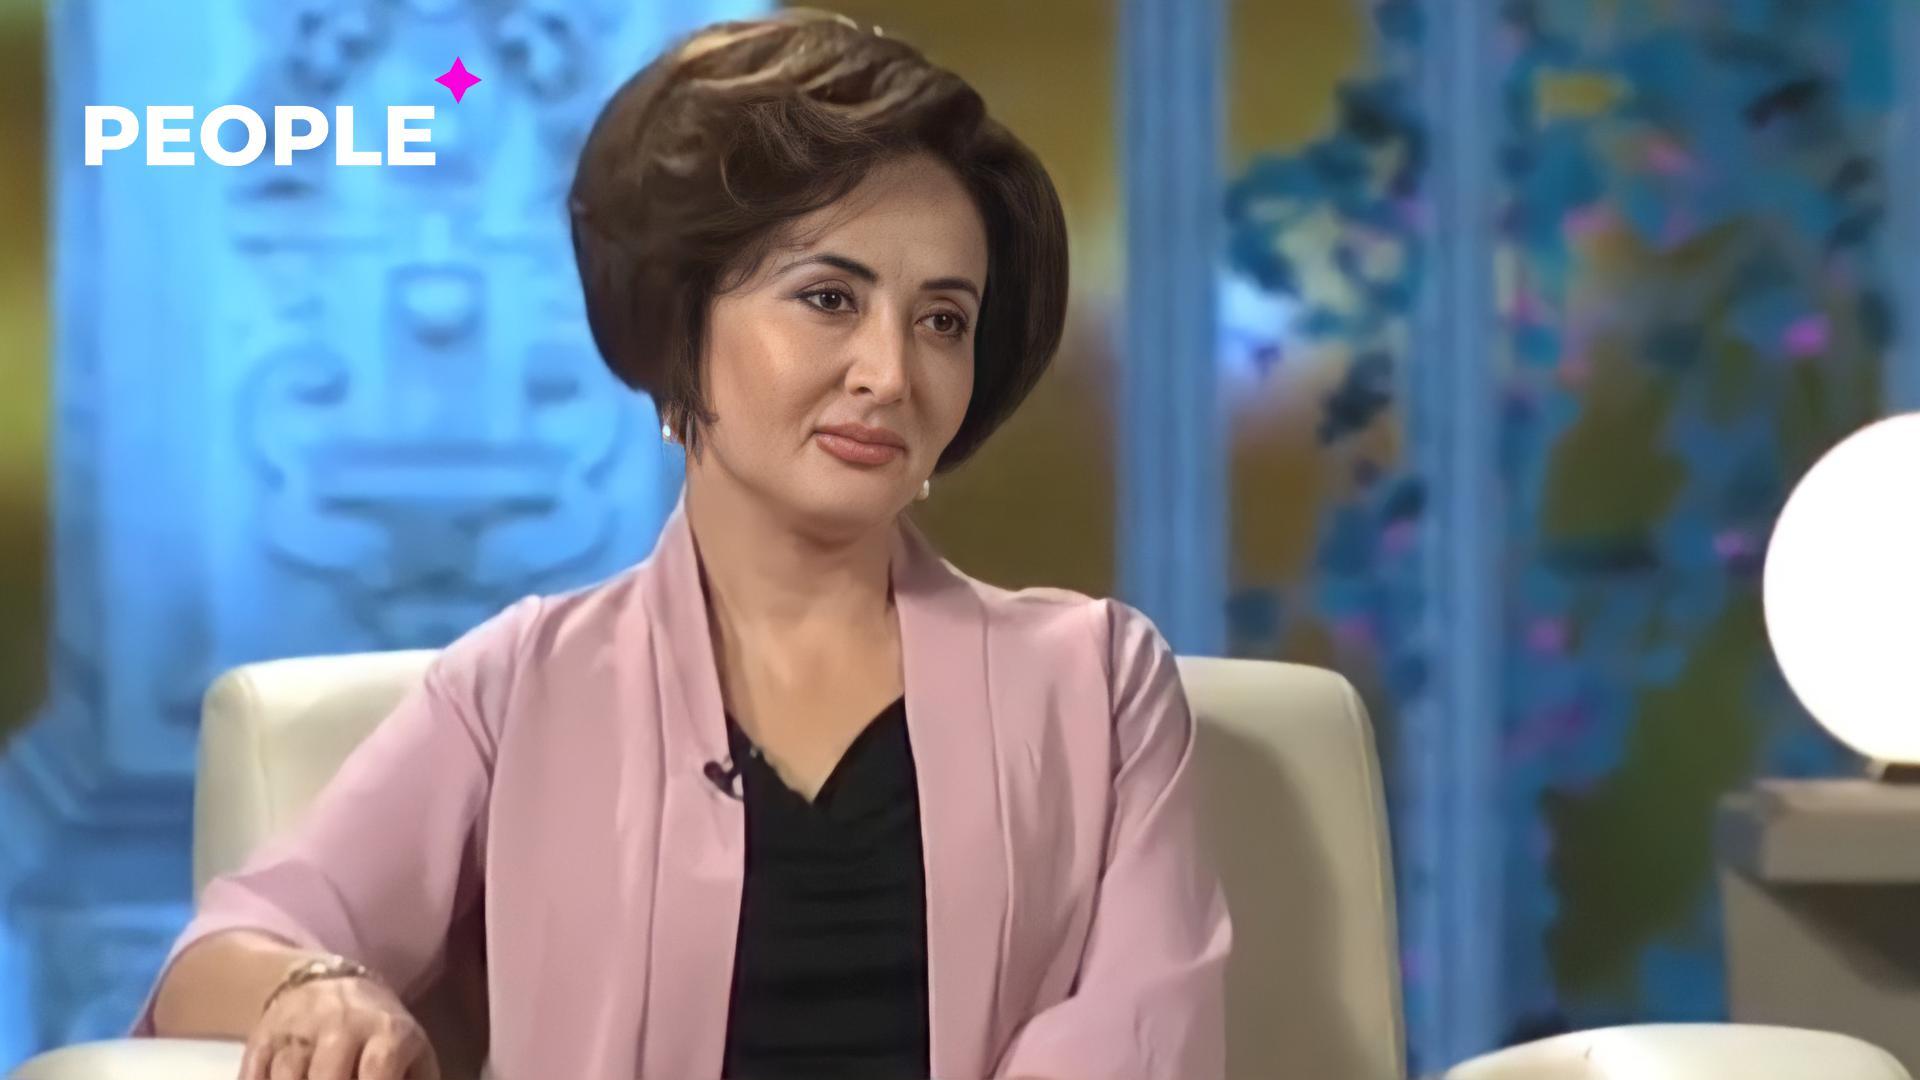 Сын актрисы Рано Закировой рассказал, как его маму обвиняли в вымогательстве денег – видео